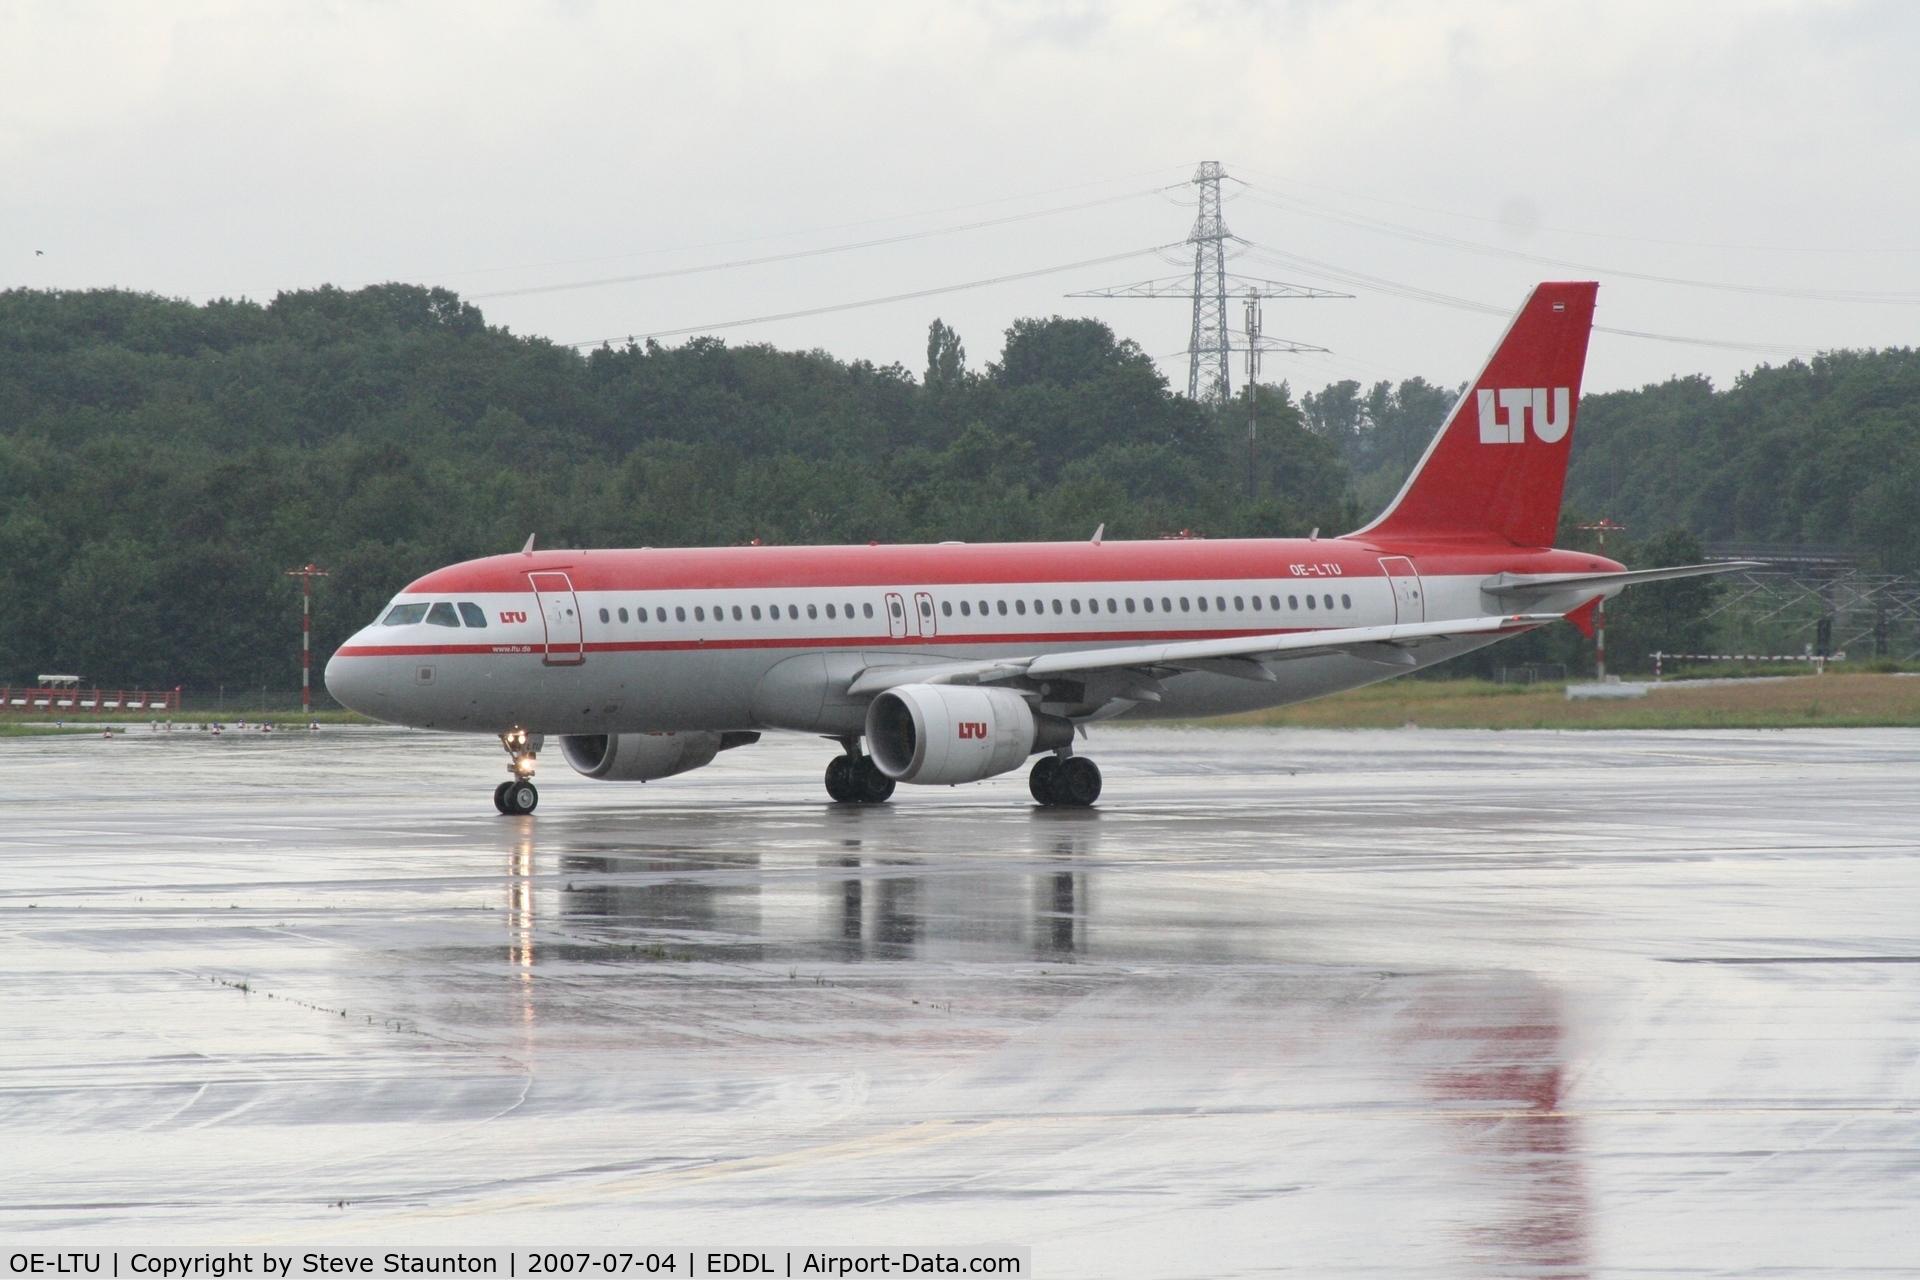 OE-LTU, 2001 Airbus A320-214 C/N 1504, Taken at Dusseldorf July 2007